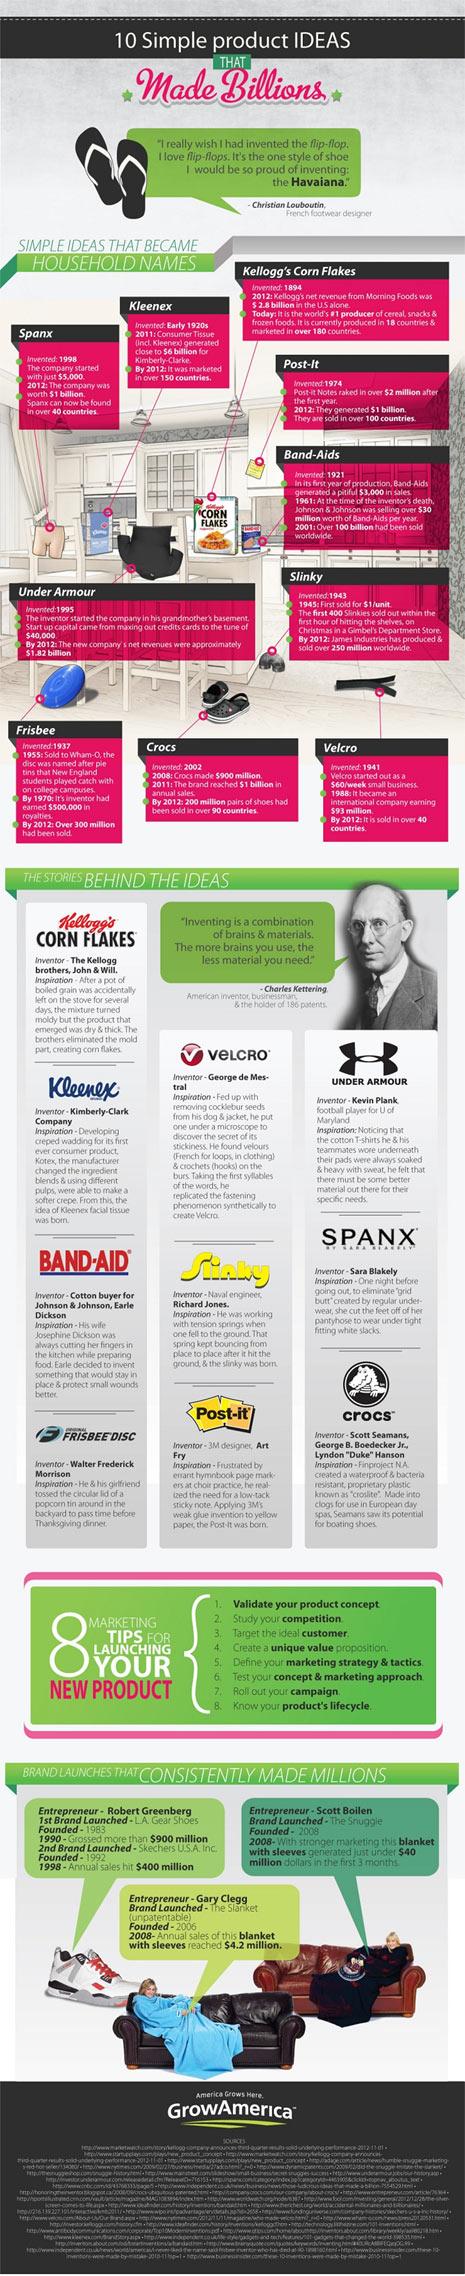 10 ideas de productos sencillísimos pero multimillonarios